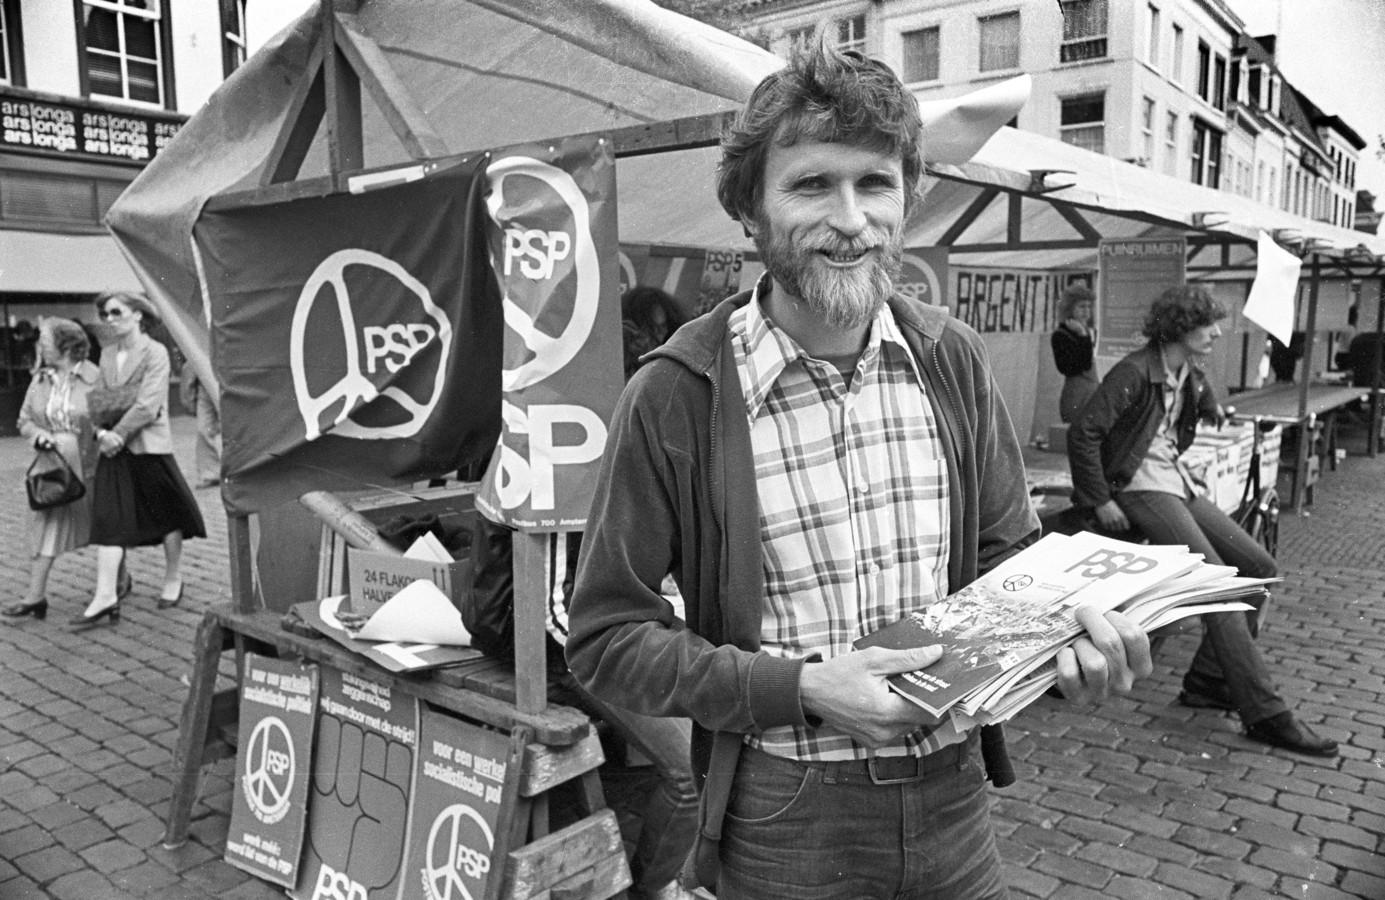 Lijsttrekken Nico Garritsen van de PSP, hij was van 1978 tot 1982 het eerste raadslid voor de PSP, van 1986 tot 1990 opnieuw voor dezelfde partij, van 1990 tot 1994 voor Groen Links.